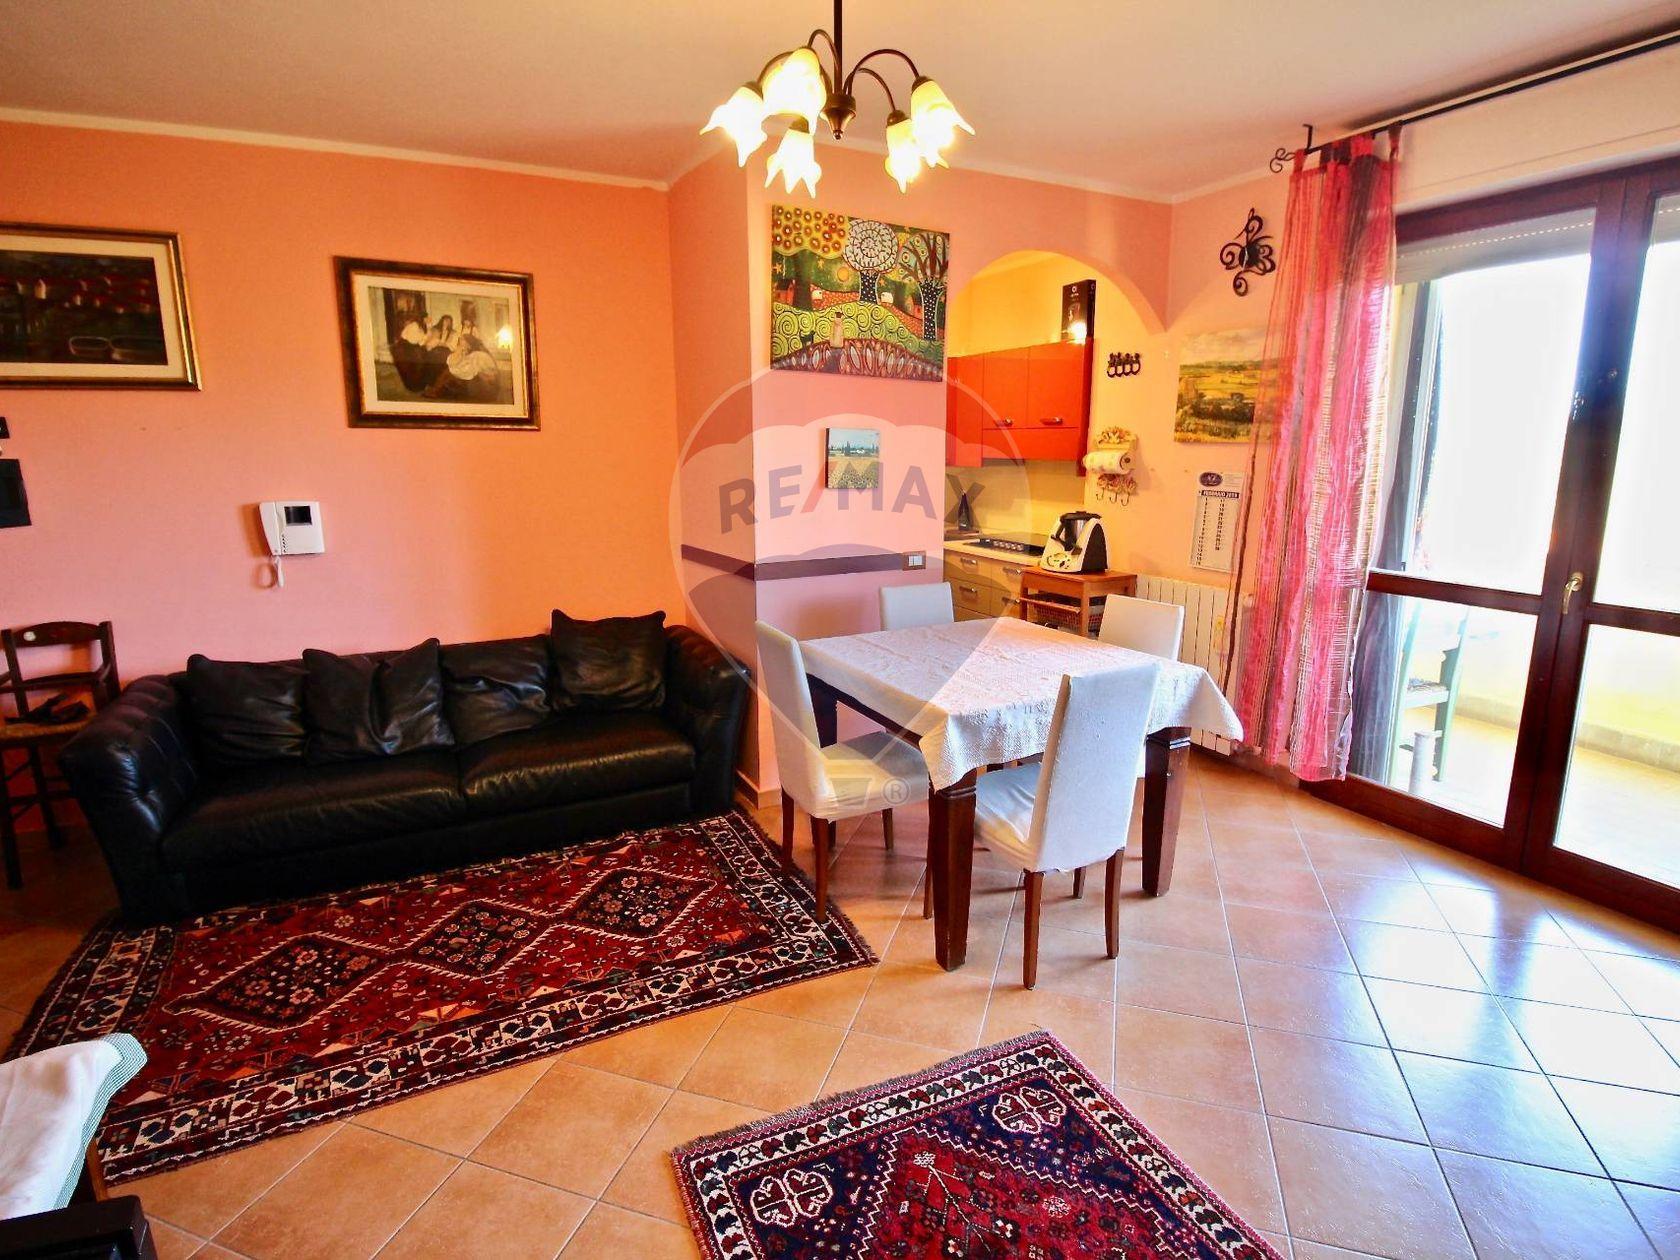 Appartamento Ss-sassari 2, Sassari, SS Vendita - Foto 6